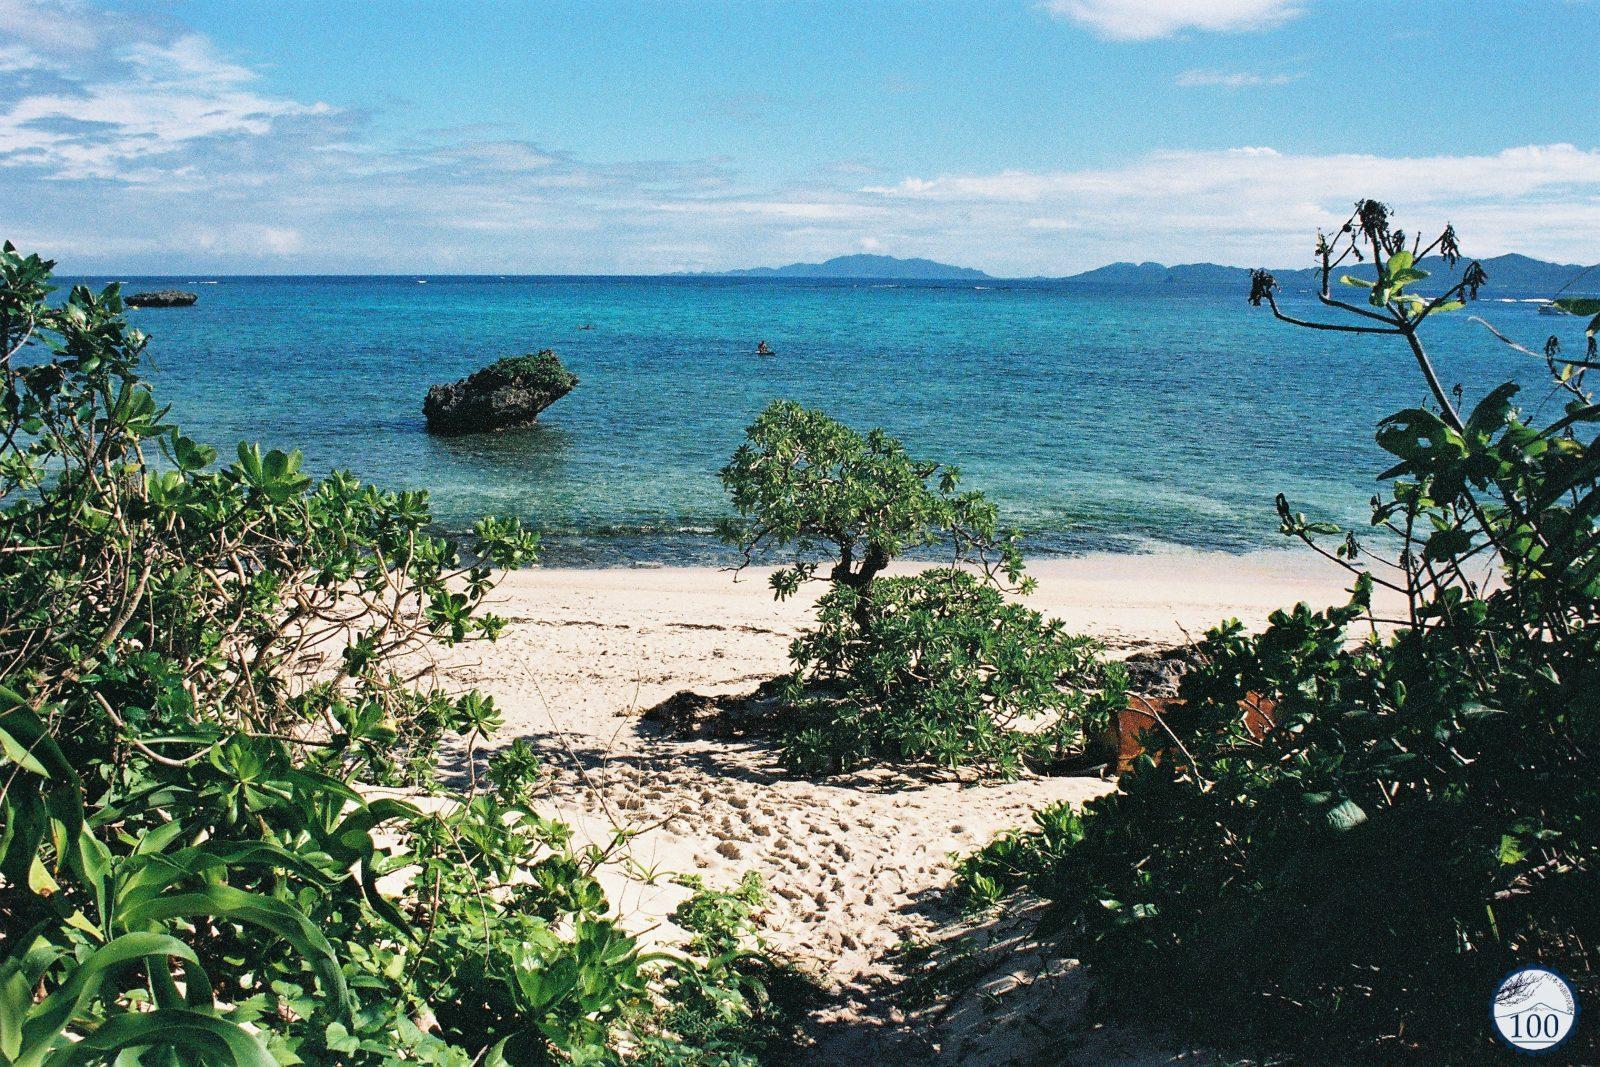 L'île d'Ishigaki dans la préfecture d'Okinawa - crédit photo Nippon100